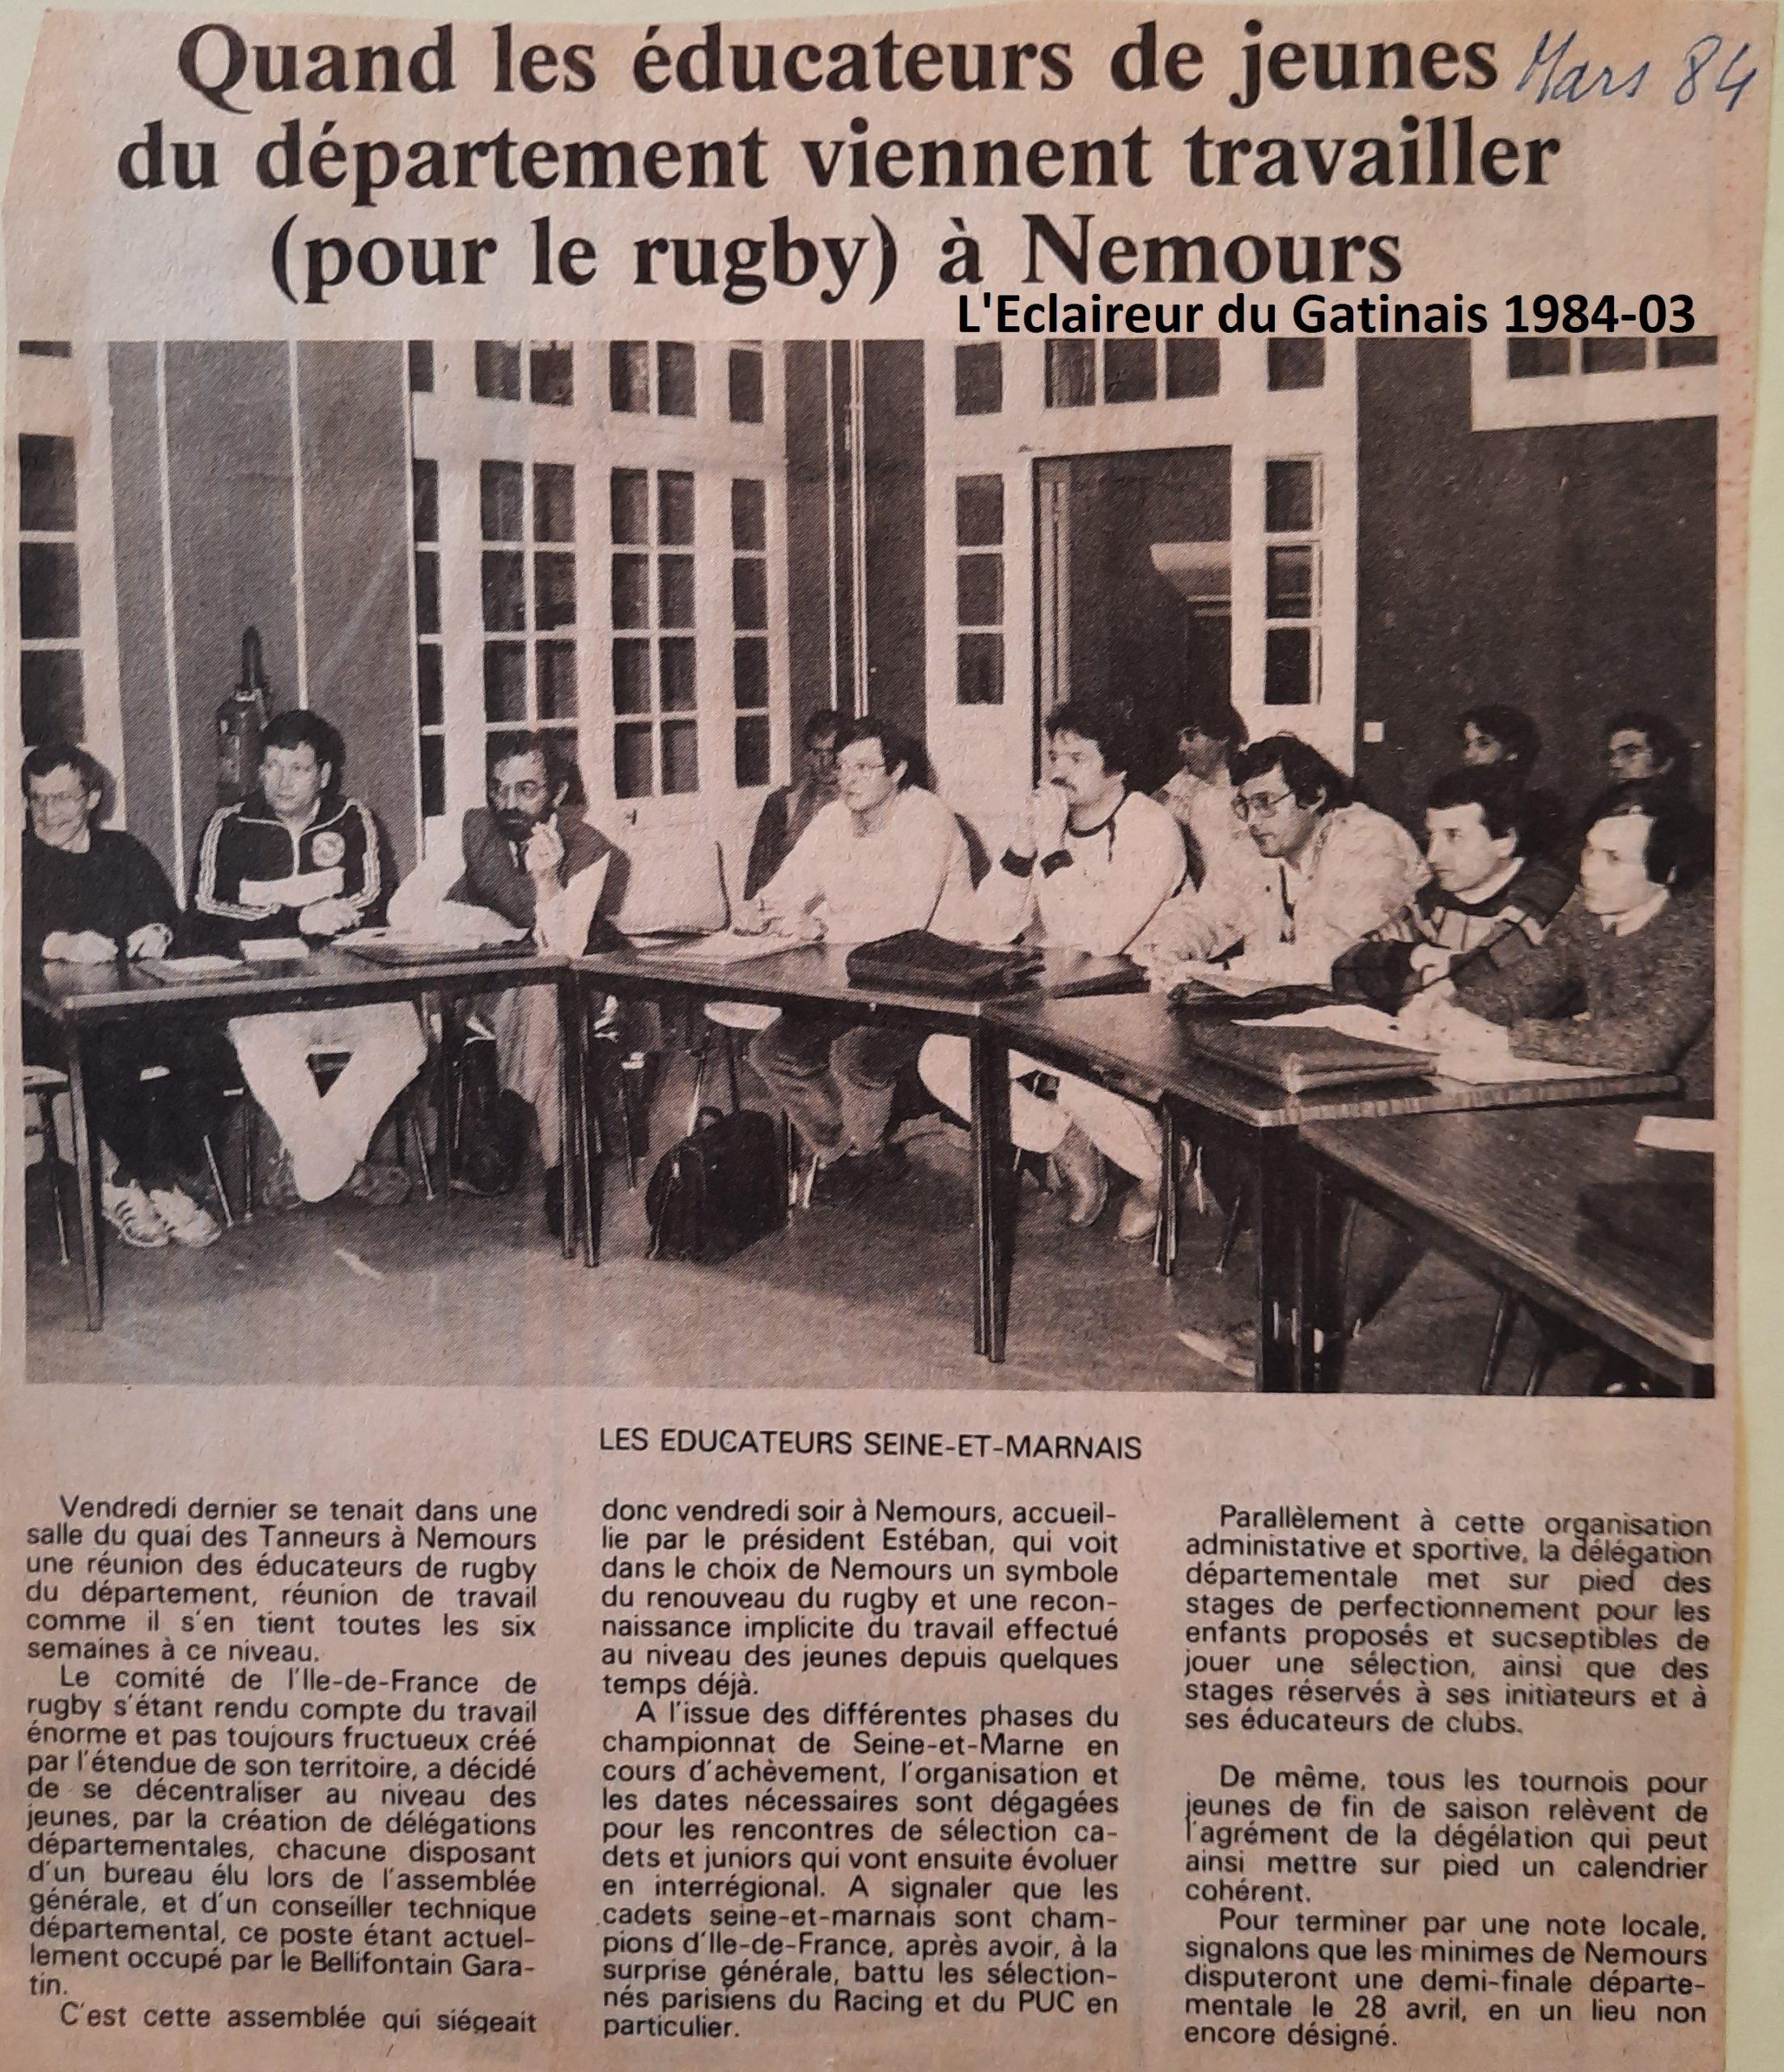 Eclaireur du Gâtinais 1984-03